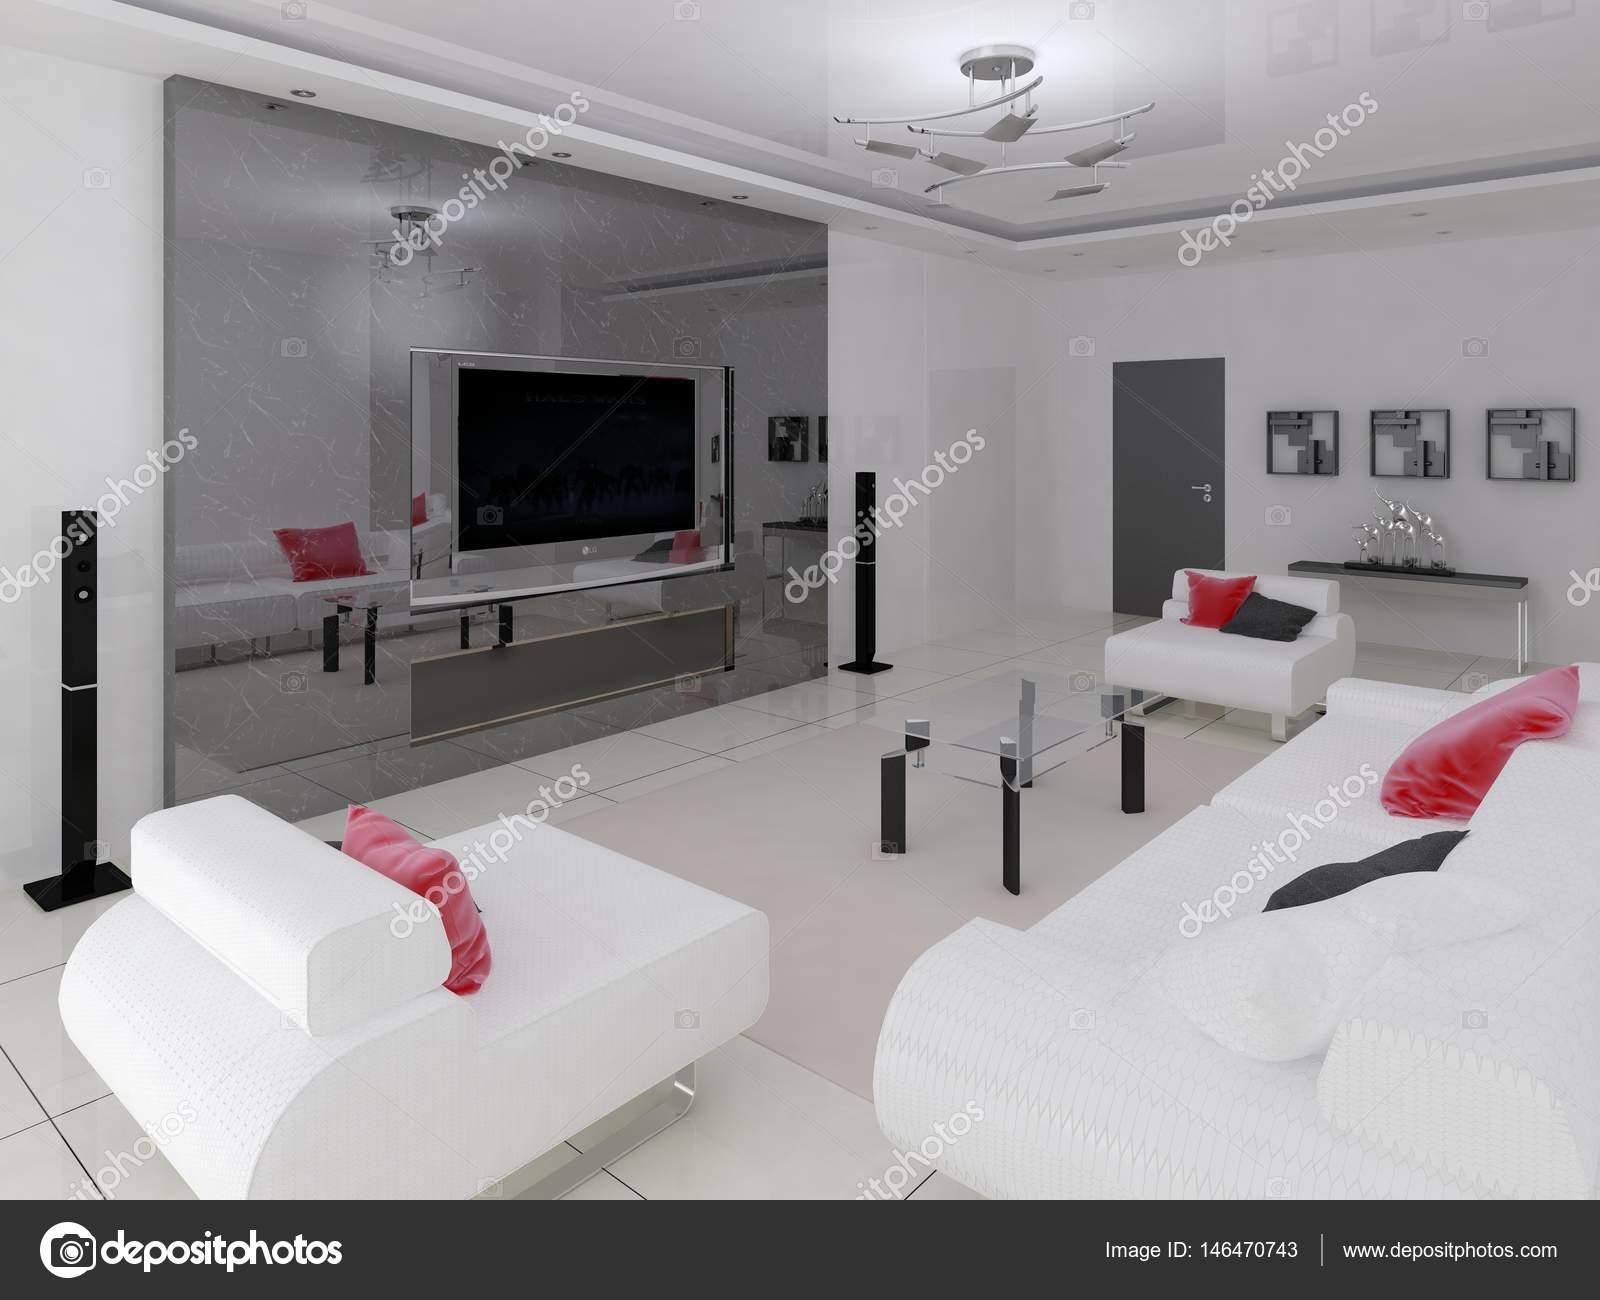 Fantastisch Moderne Wohnzimmer Im High Tech Stil Mit Modernen Möbeln U2014 Foto Von  Wodoplyasov